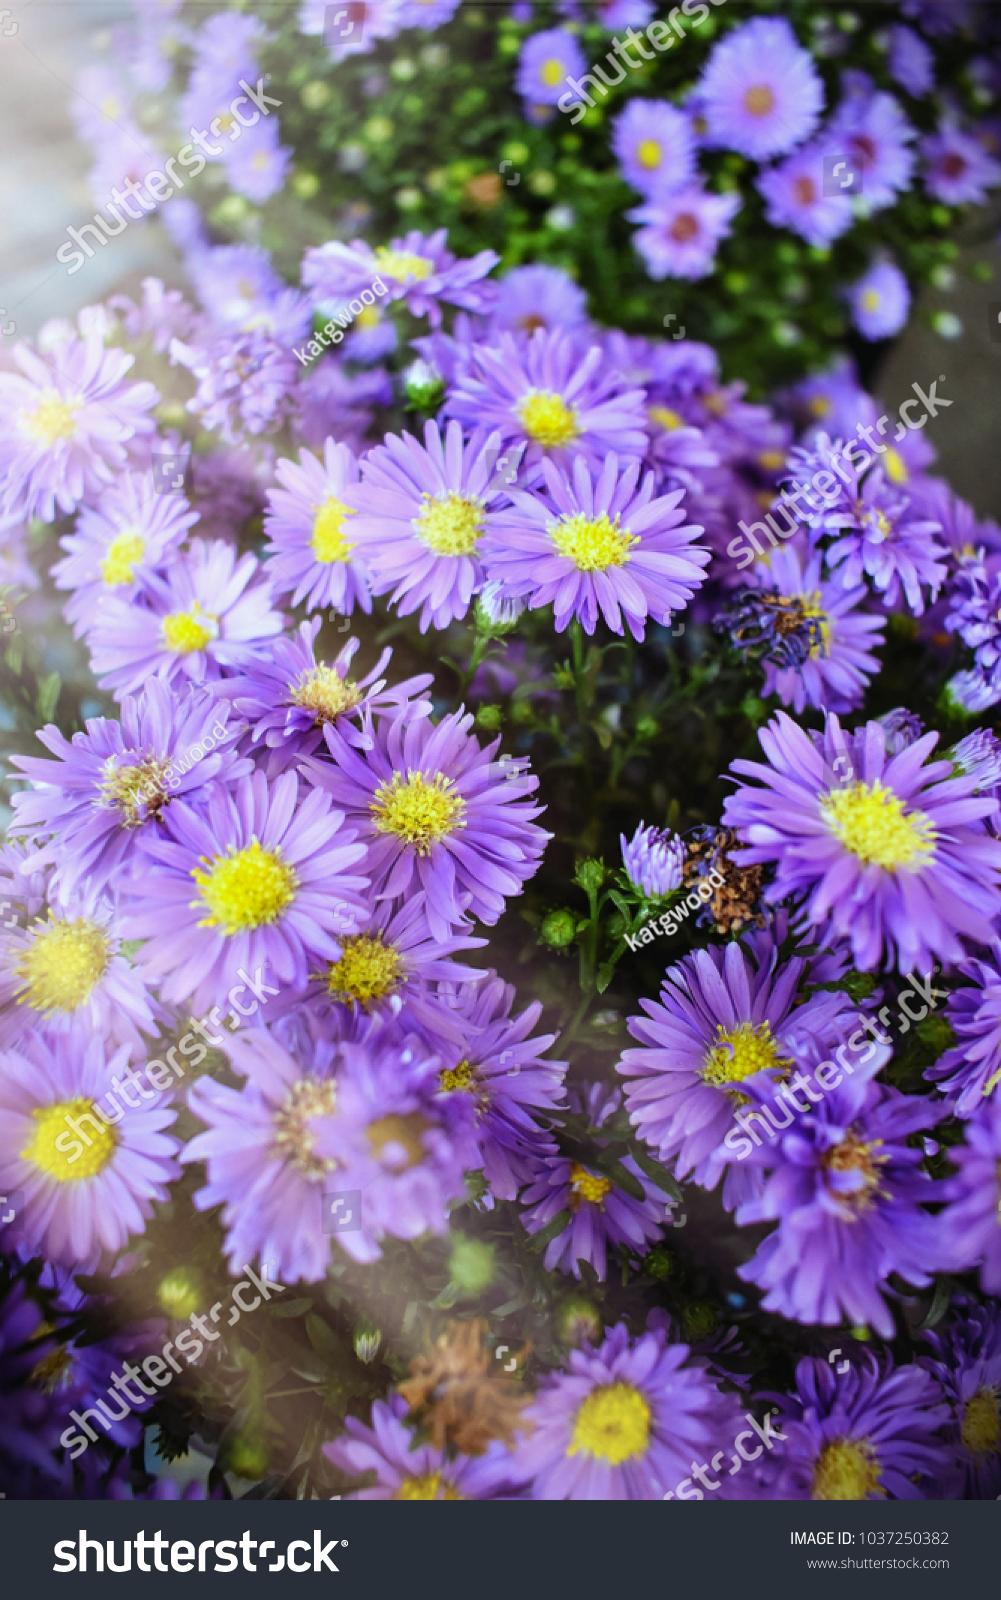 Blue Aster Alpine Flower Background With Sunlight Ez Canvas